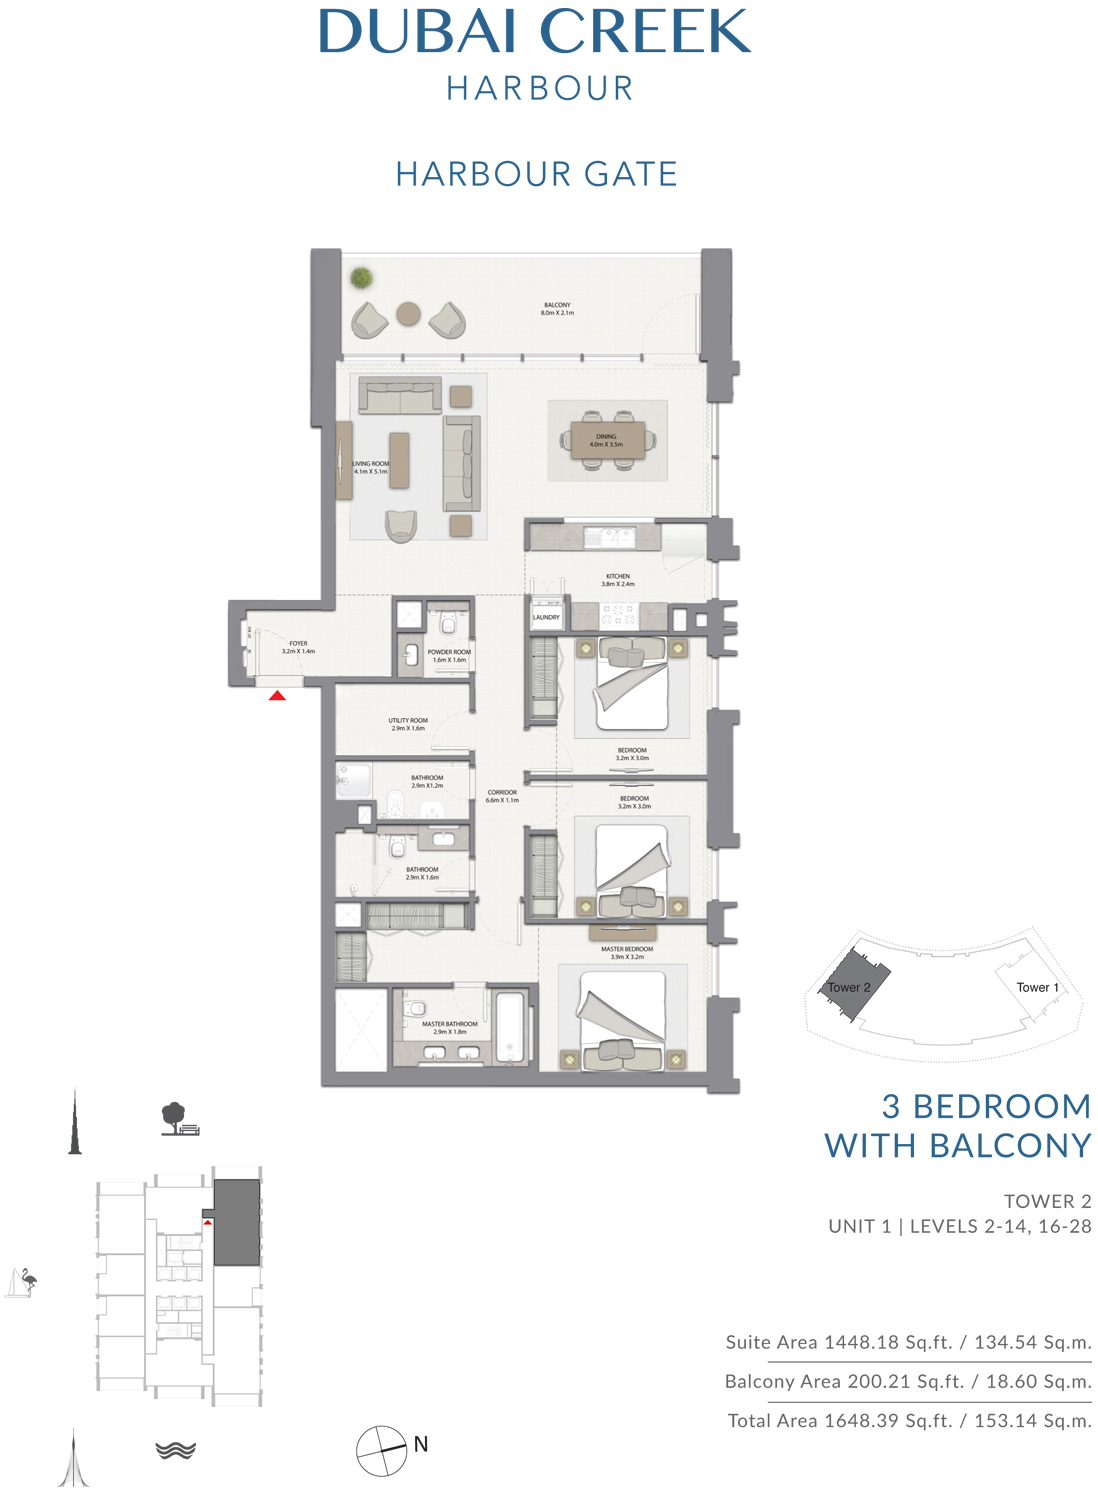 3 Bedroom Tower 2